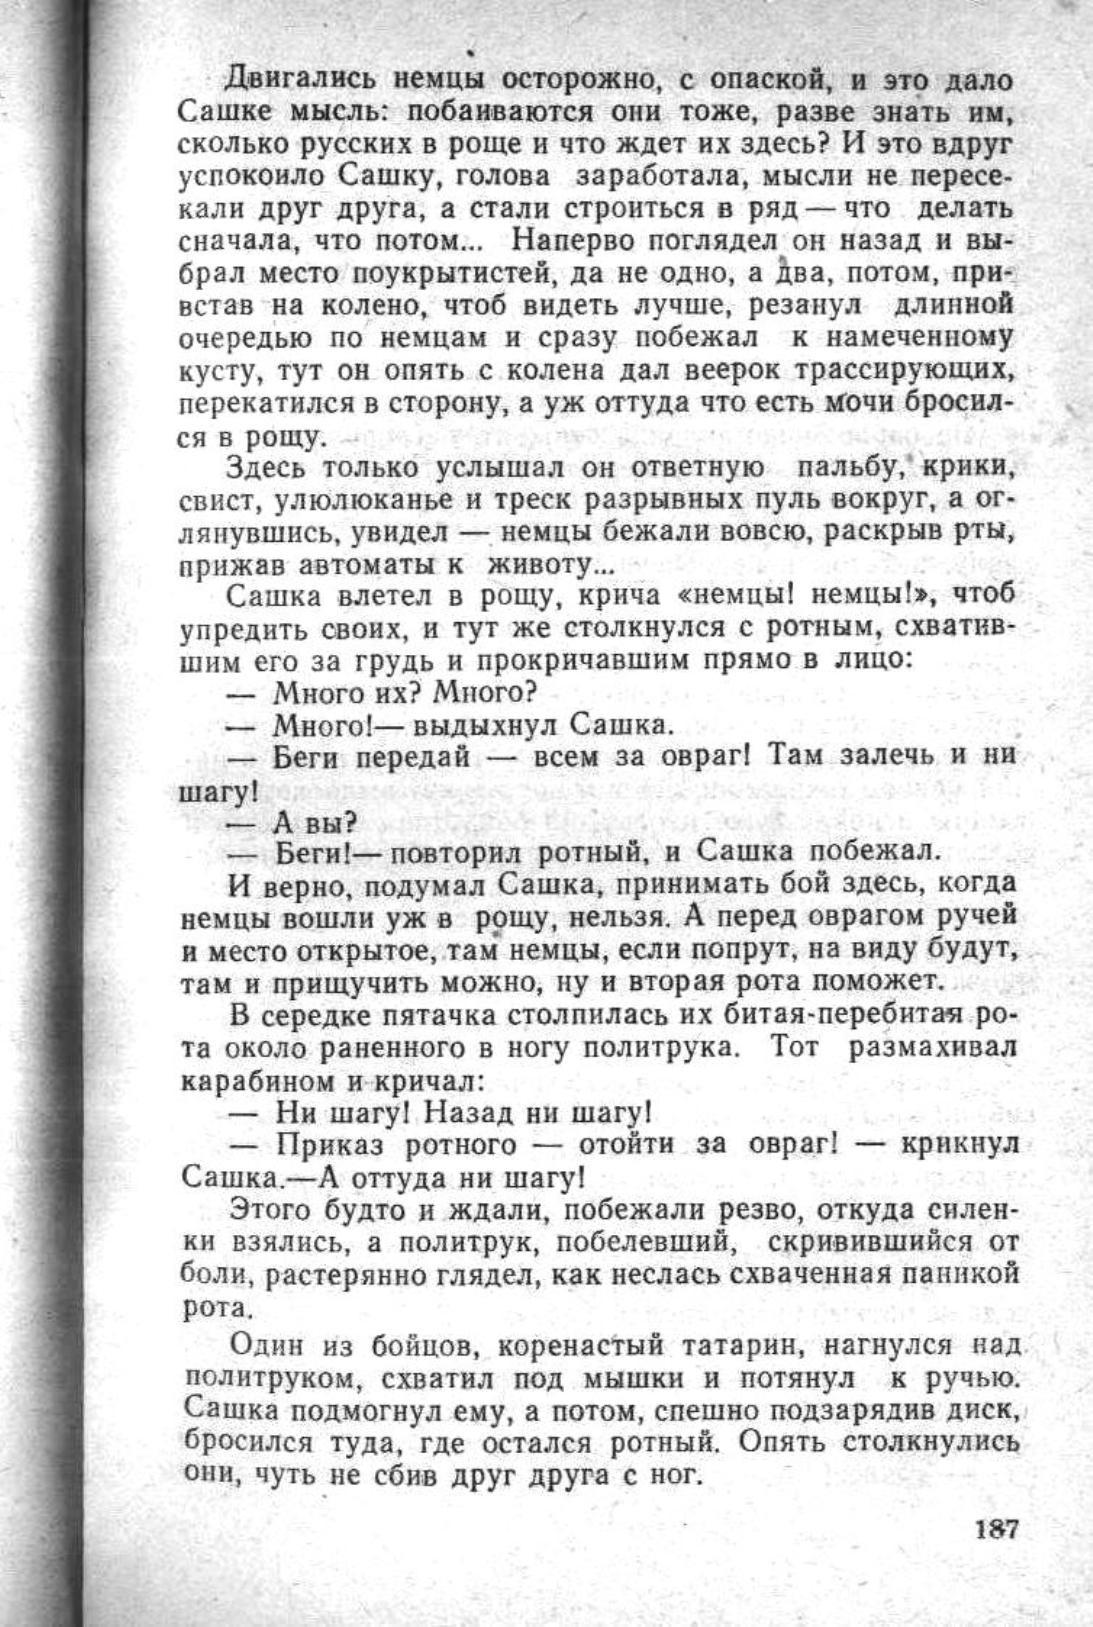 Сашка. Повесть. Вячеслав Кондратьев 006